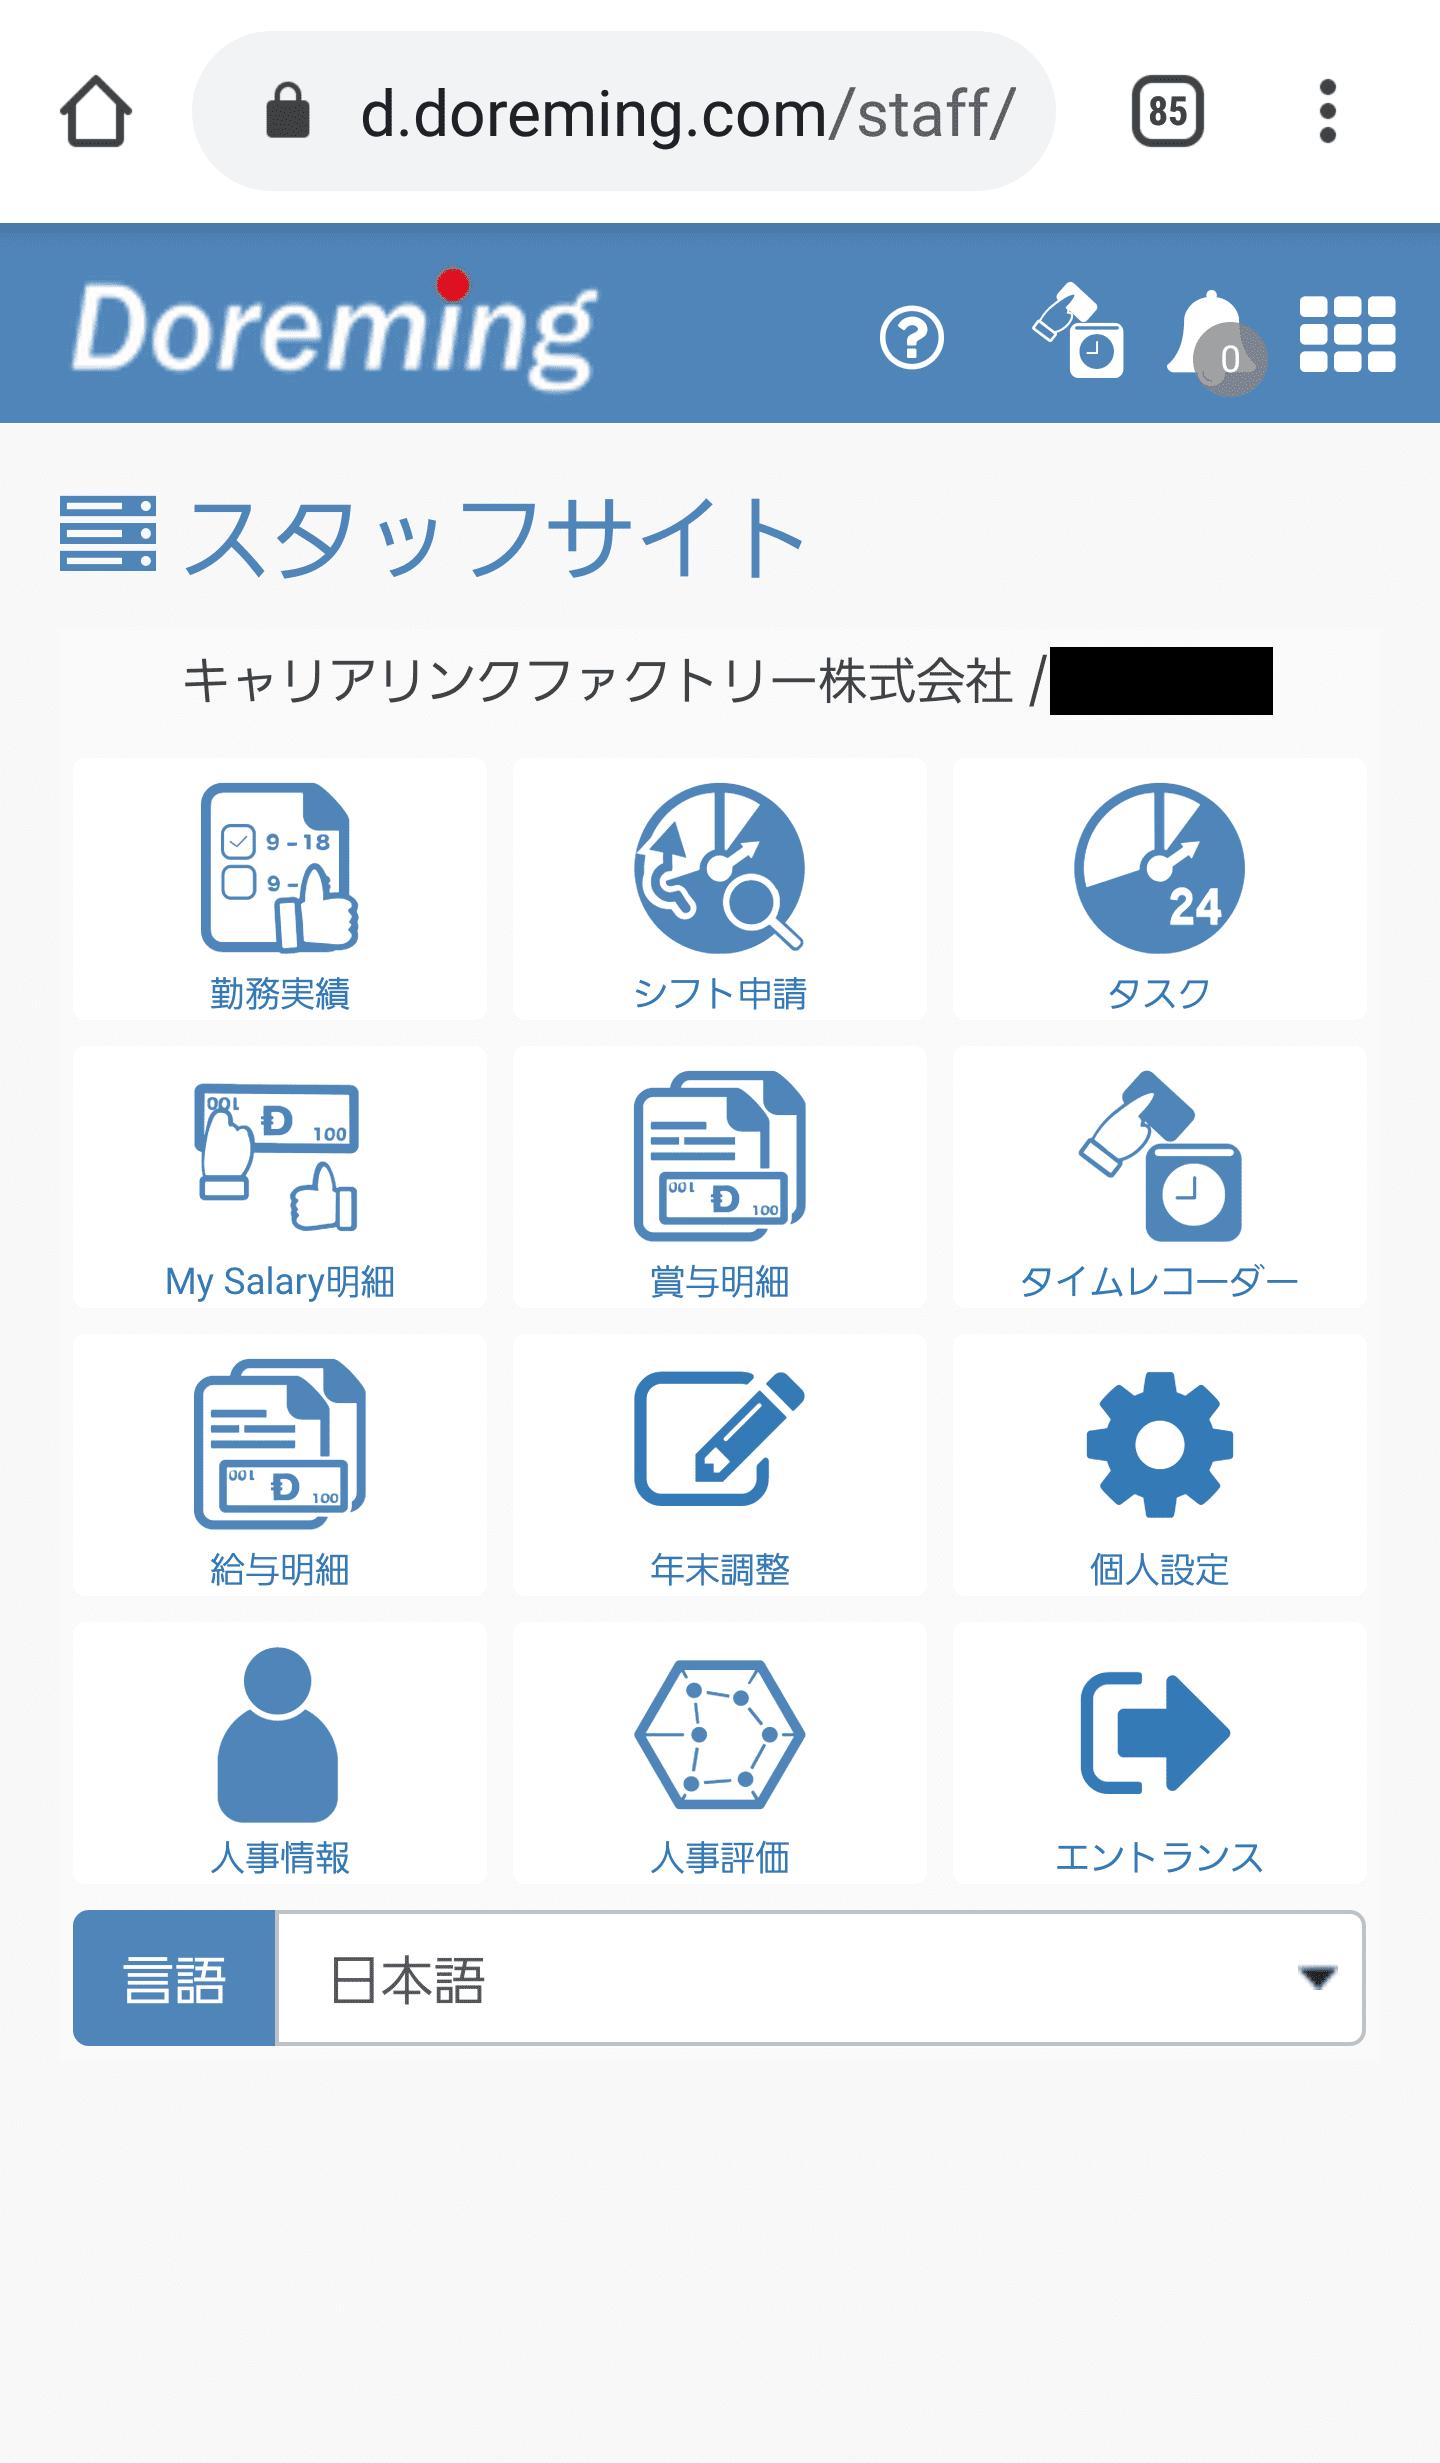 キャリアリンクファクトリー静岡藤枝支店